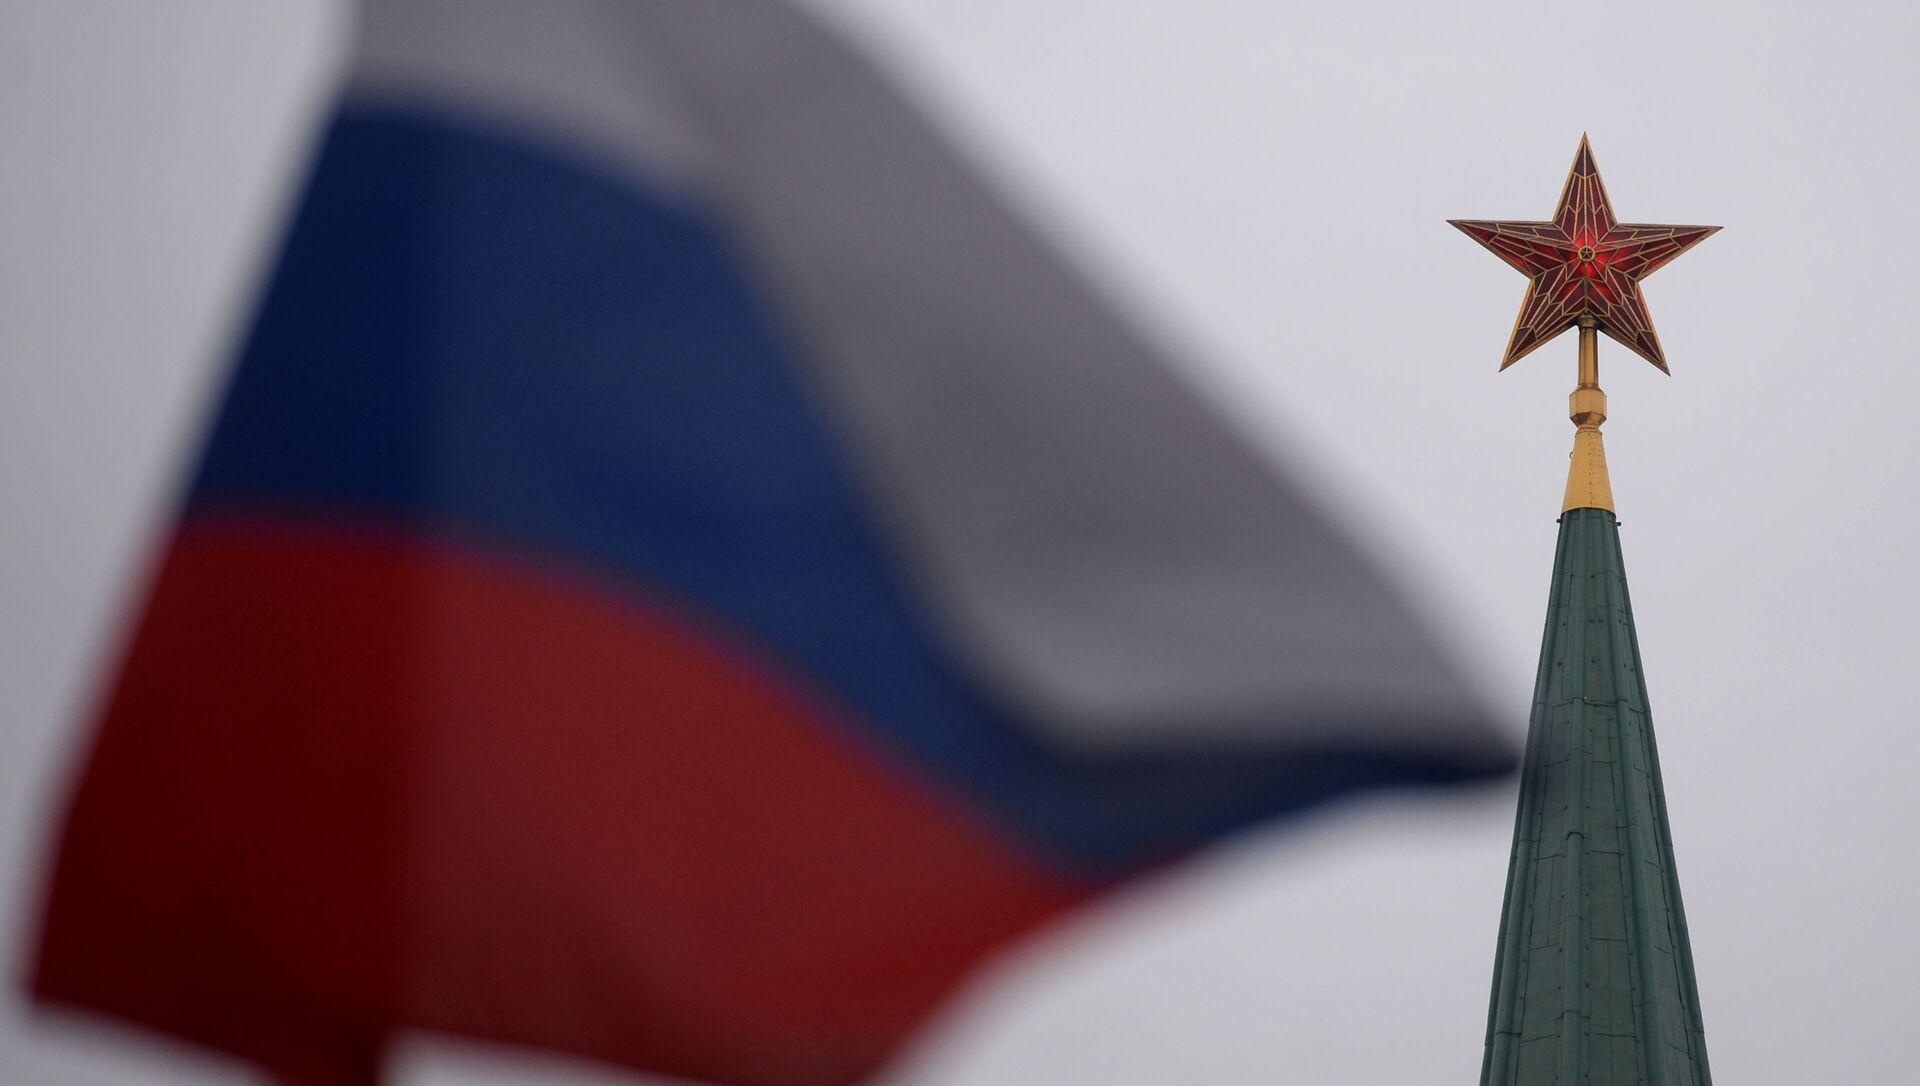 Ruská vlajka a Kreml - Sputnik Česká republika, 1920, 05.04.2021